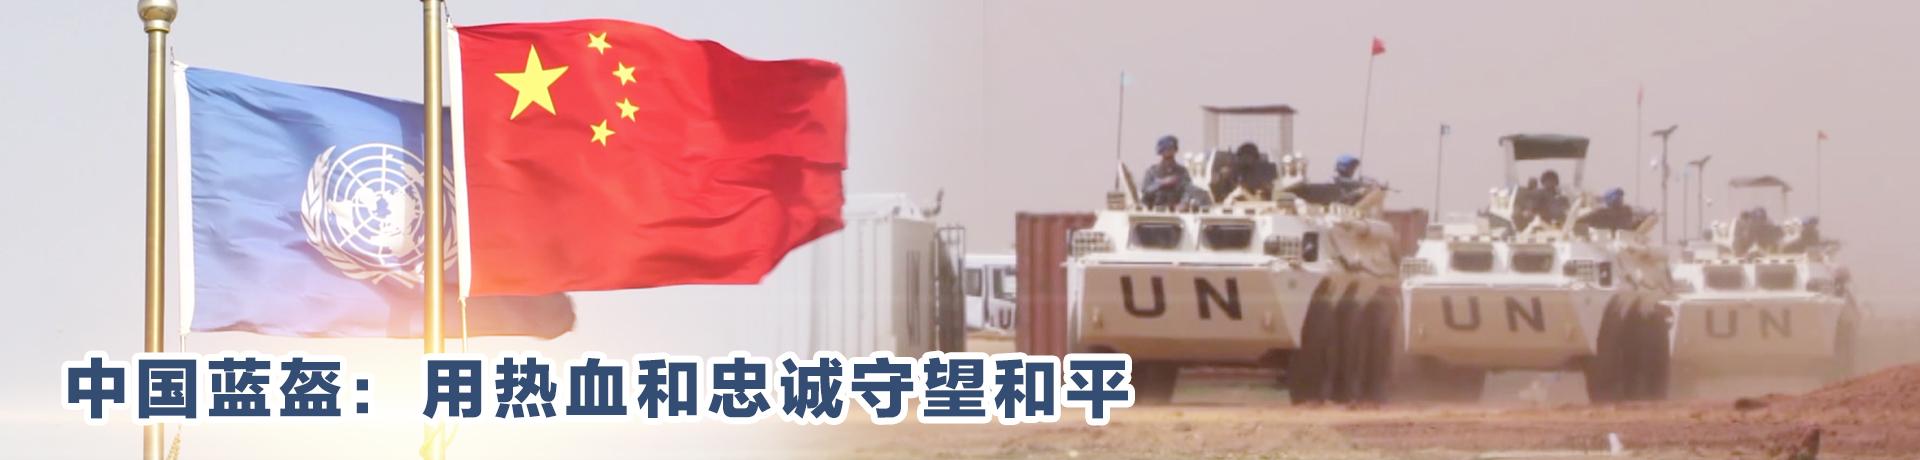 中国蓝盔:用热血和忠诚守望和平